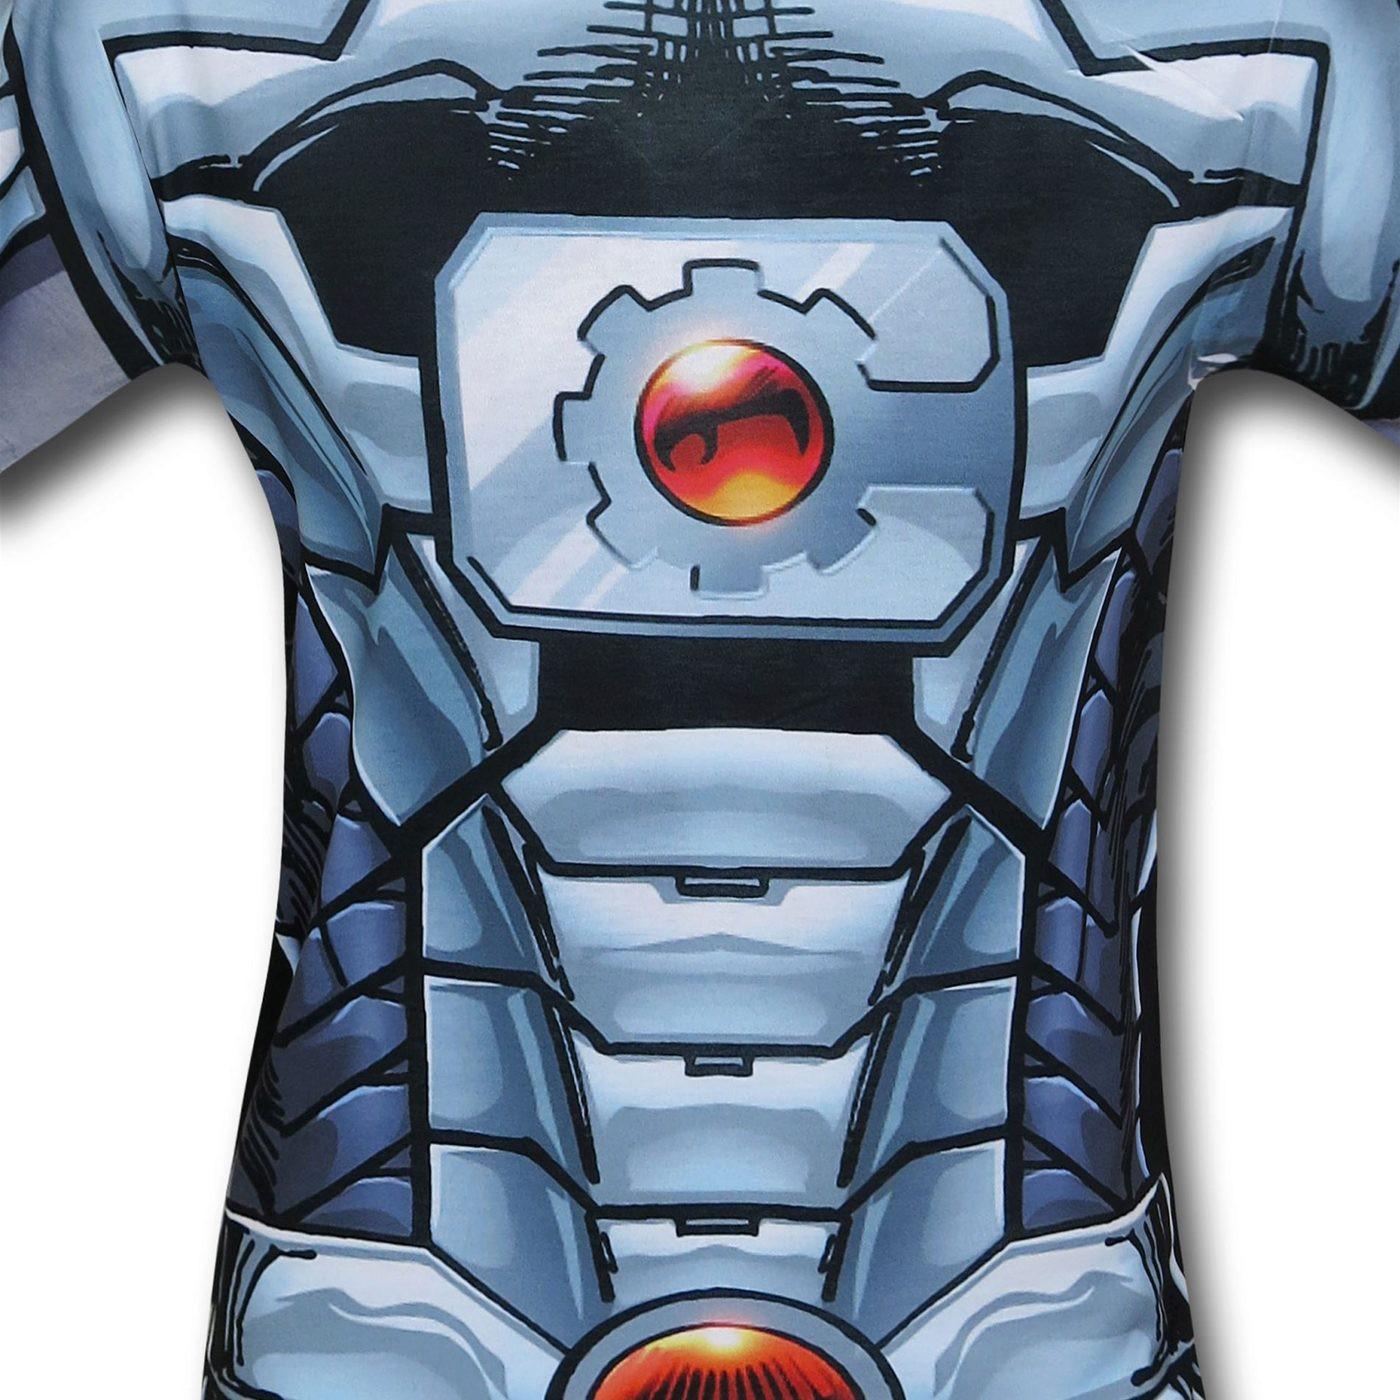 Cyborg Sublimated Costume T-Shirt